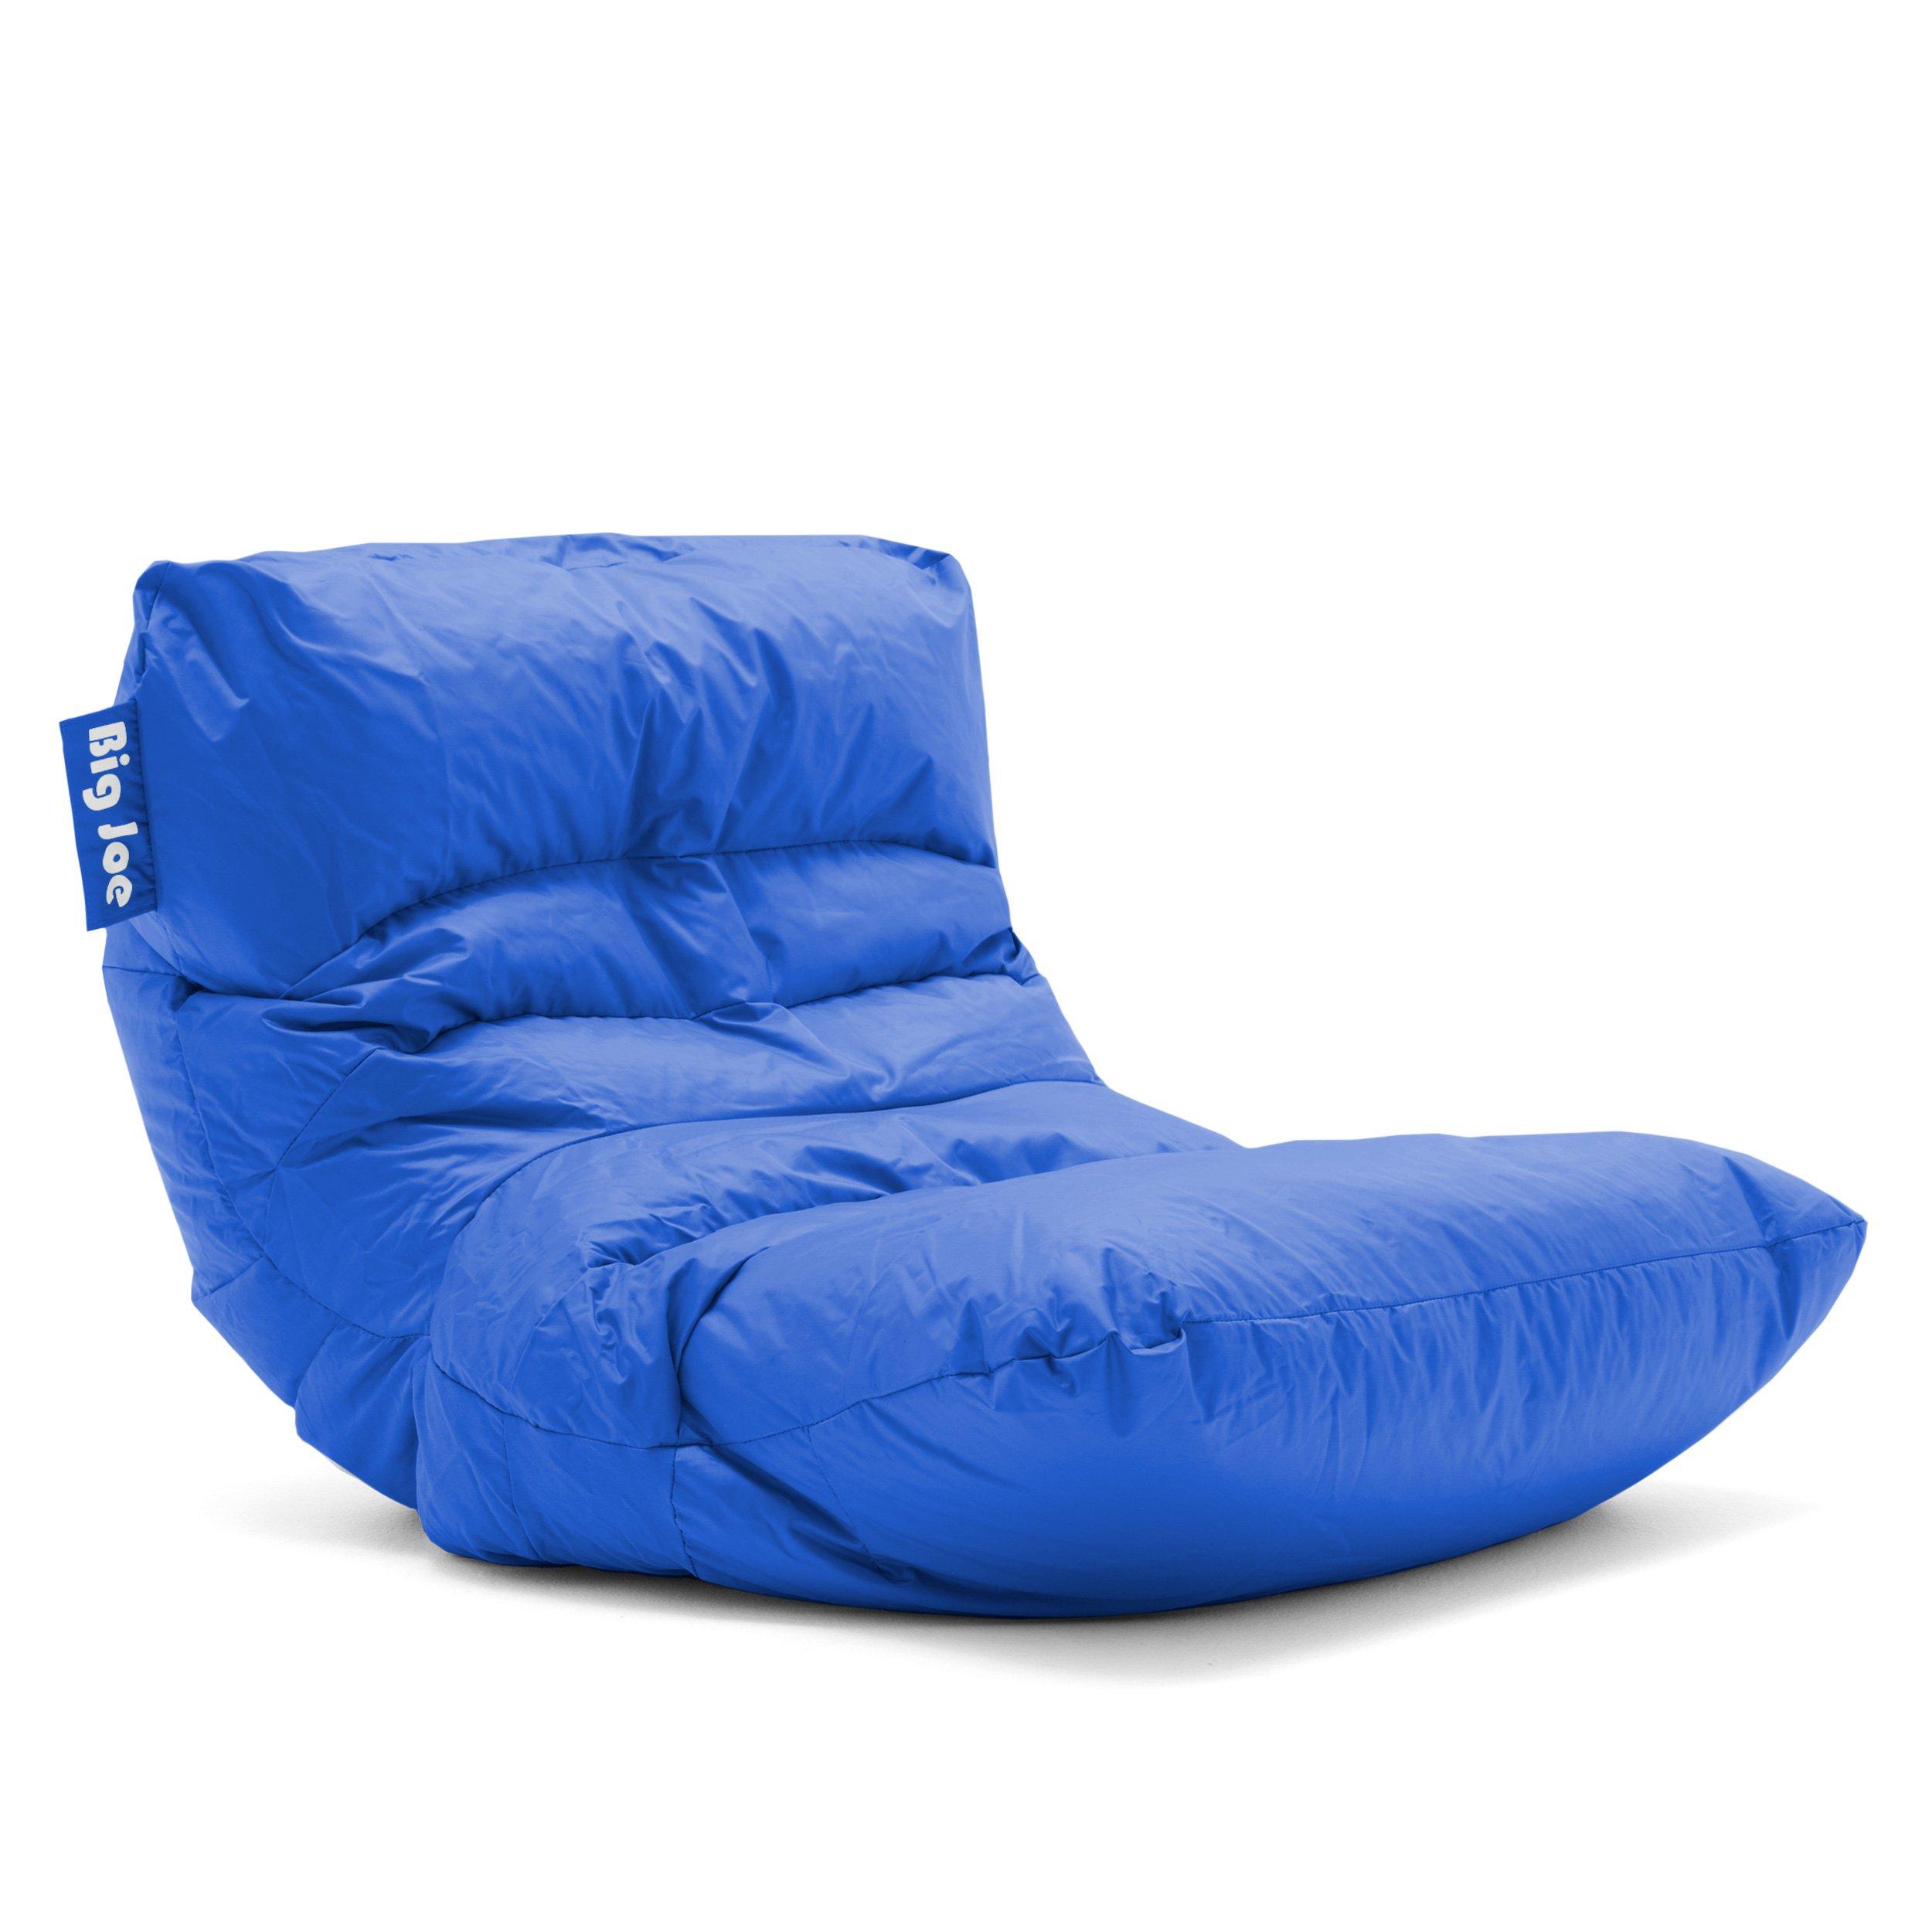 Big Joe Roma Bean Bag Chair, Sapphire by Big Joe